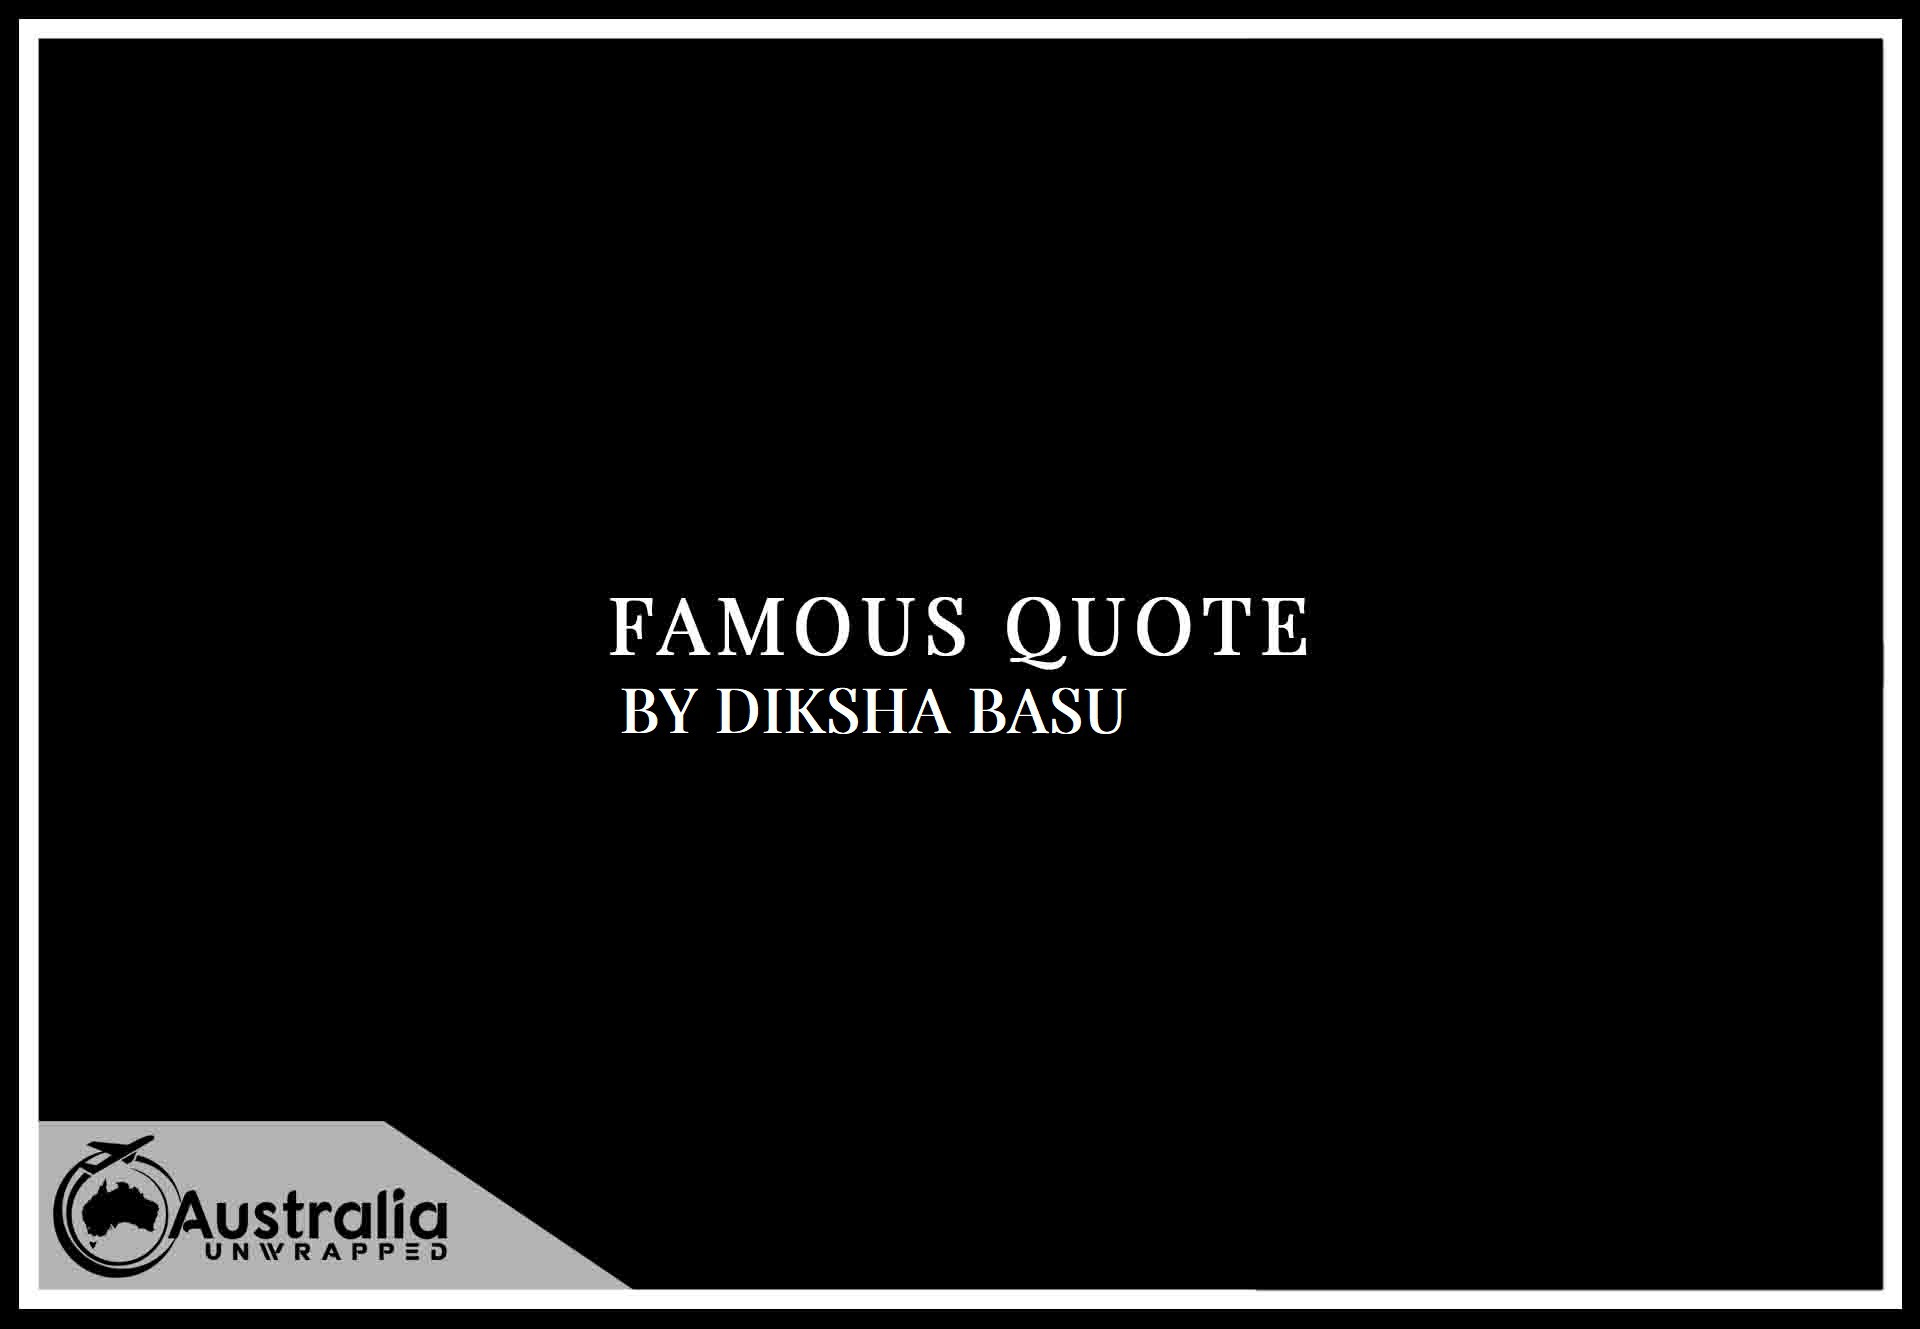 Top 1 Famous Quotes by Author Diksha Basu